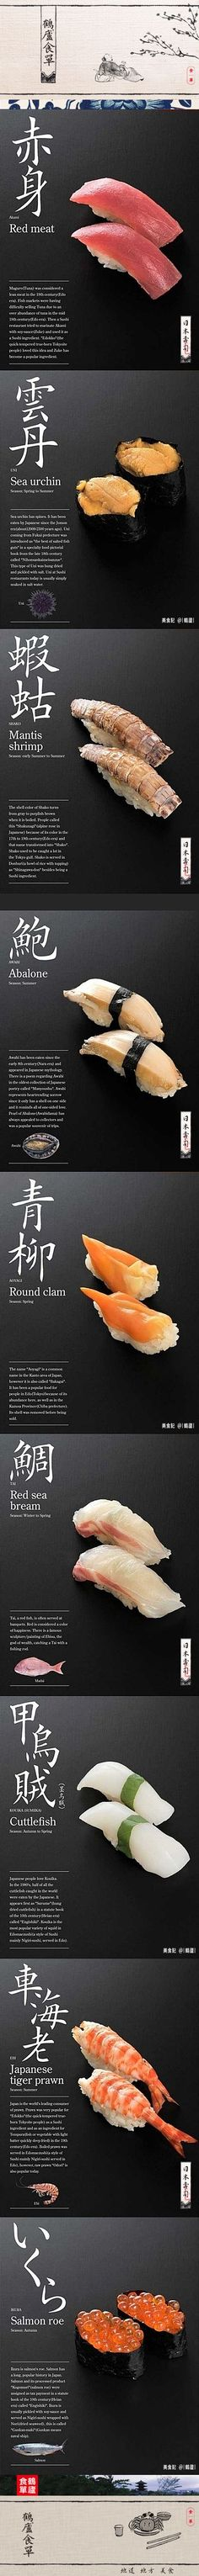 日本壽司 - Sushi (すし) is a Japanese food consisting of cooked vinegared rice (鮨飯) combined with other ingredients (ネタ), usually raw fish or other seafood.